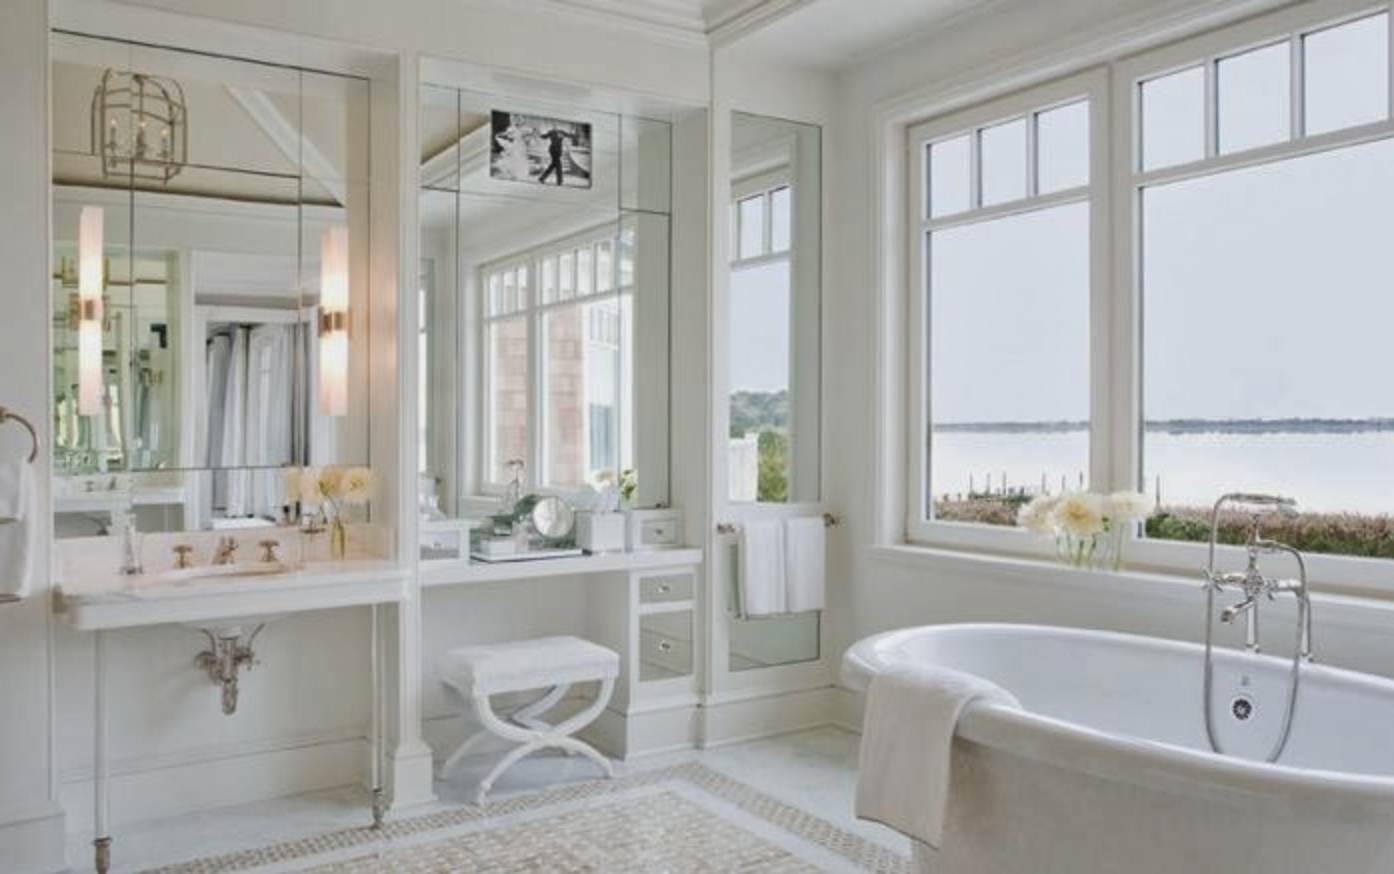 Hamptons bathroom with ocean view